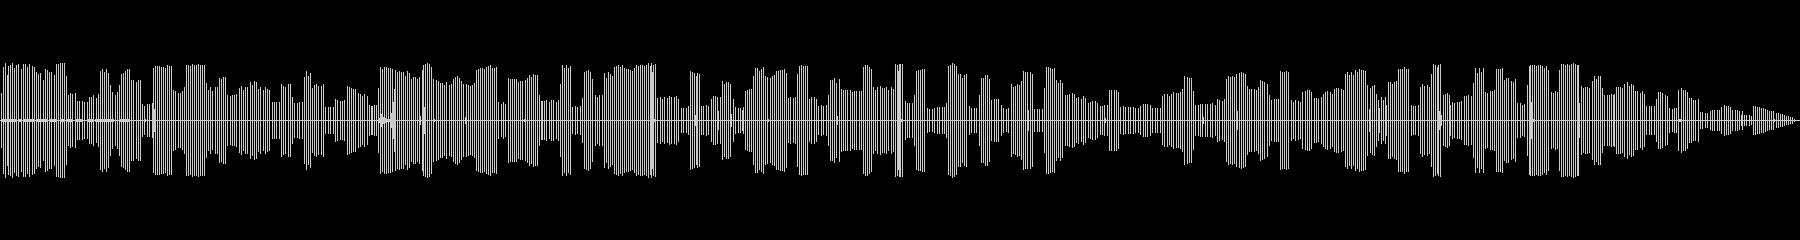 電気バズブザーの未再生の波形